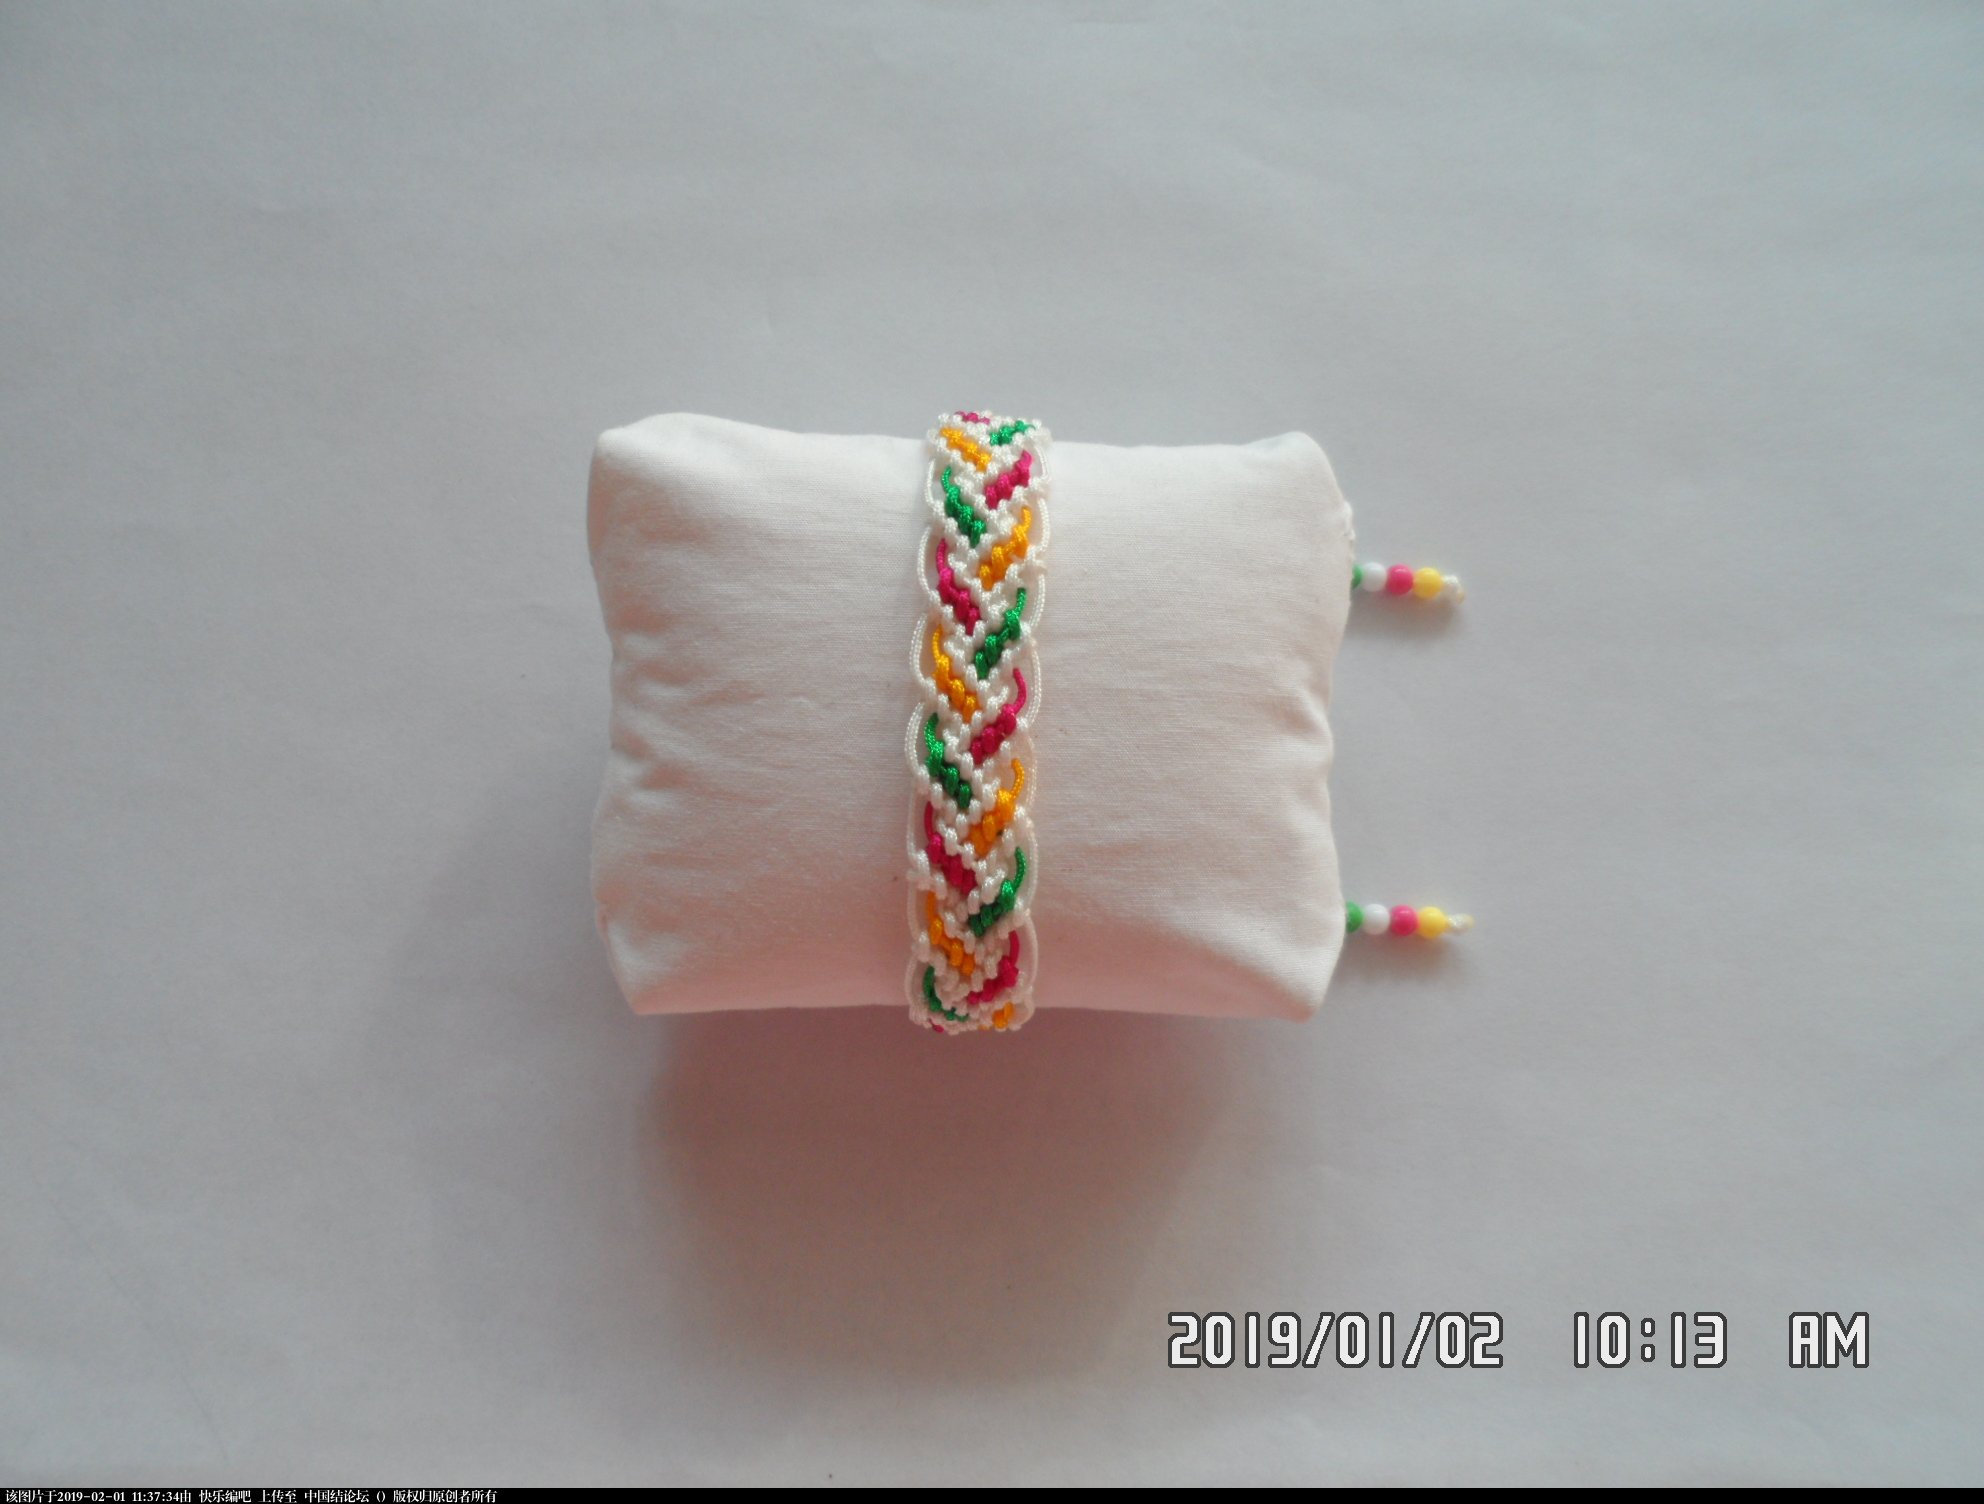 中国结论坛 一款彩色辫子图案手绳的编法 —— 反斜卷结练习  图文教程区 110333tp3tstpuitpluczc